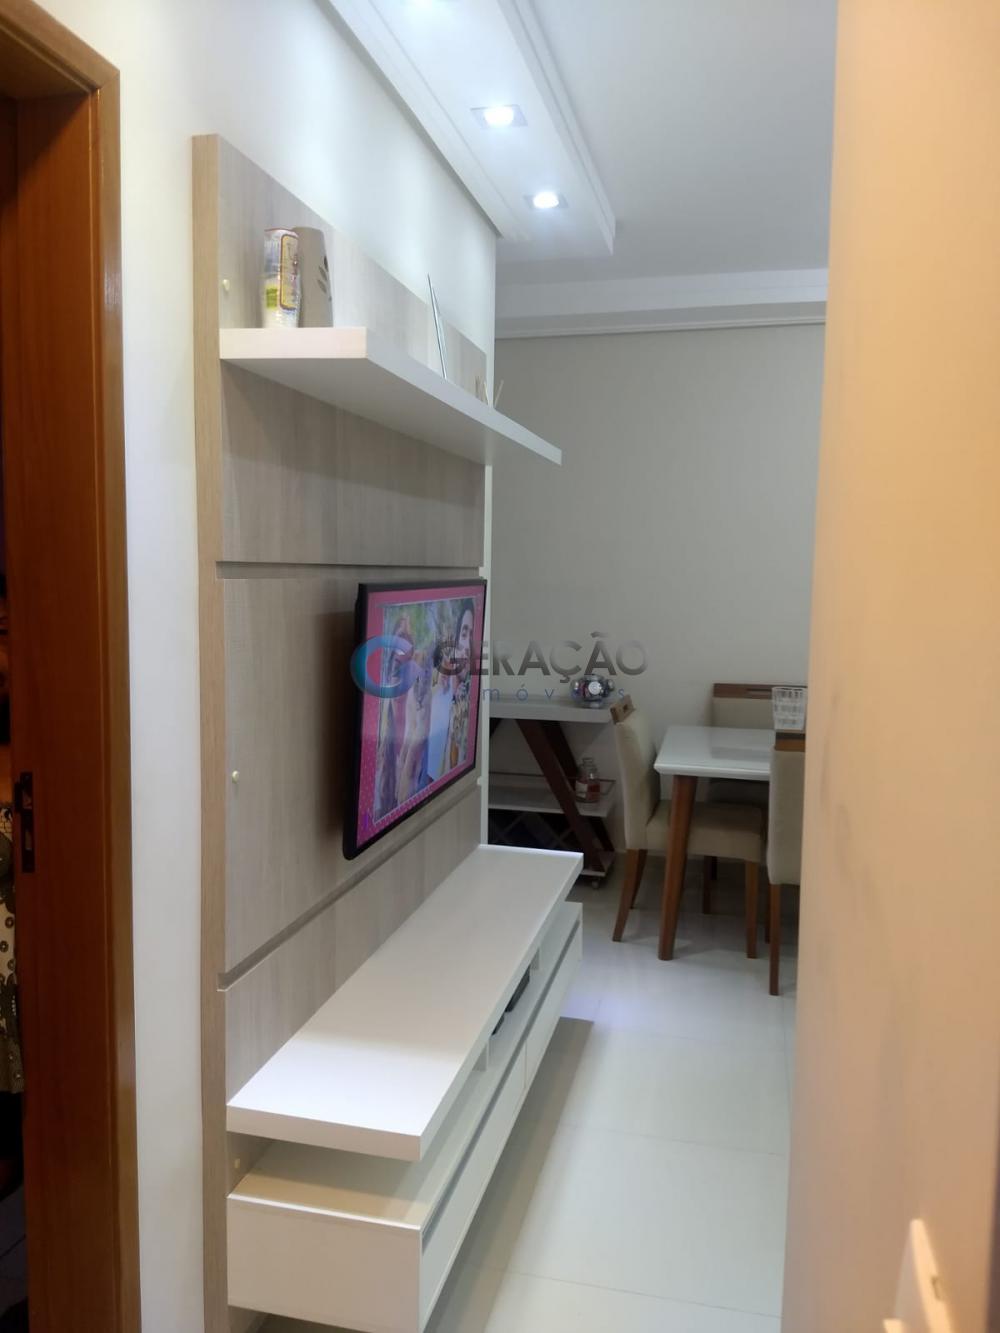 Comprar Apartamento / Padrão em São José dos Campos R$ 290.000,00 - Foto 4